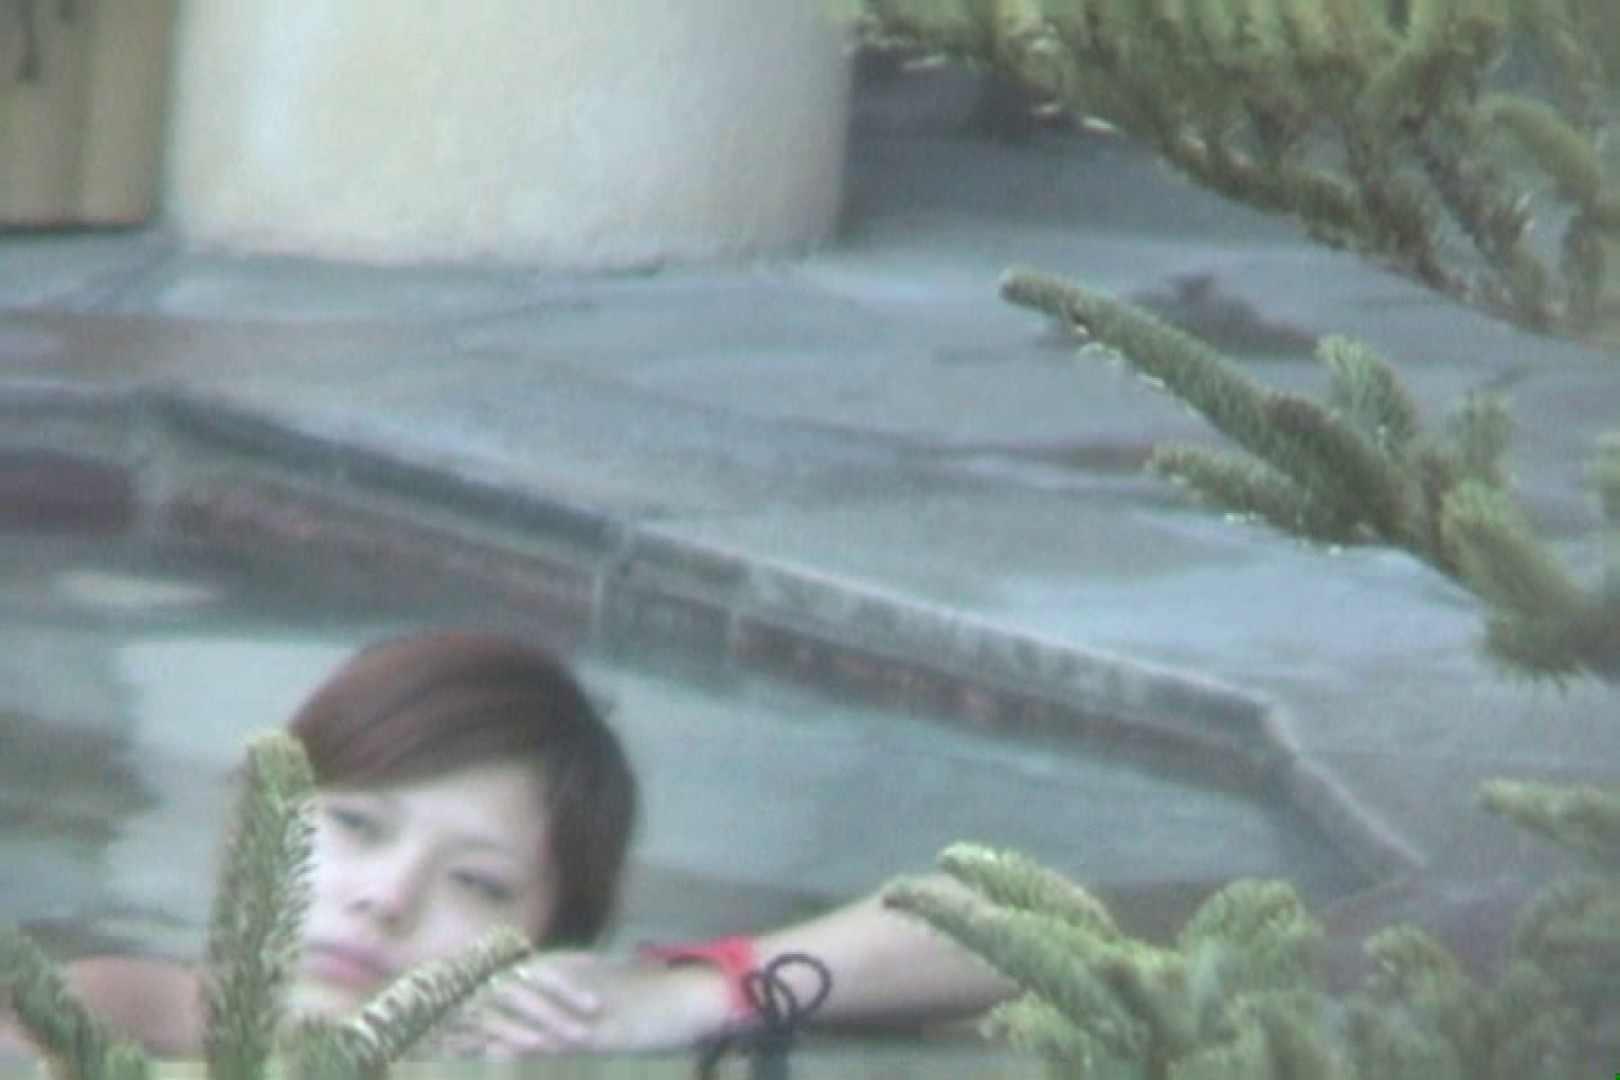 Aquaな露天風呂Vol.609 盗撮シリーズ  107PIX 42